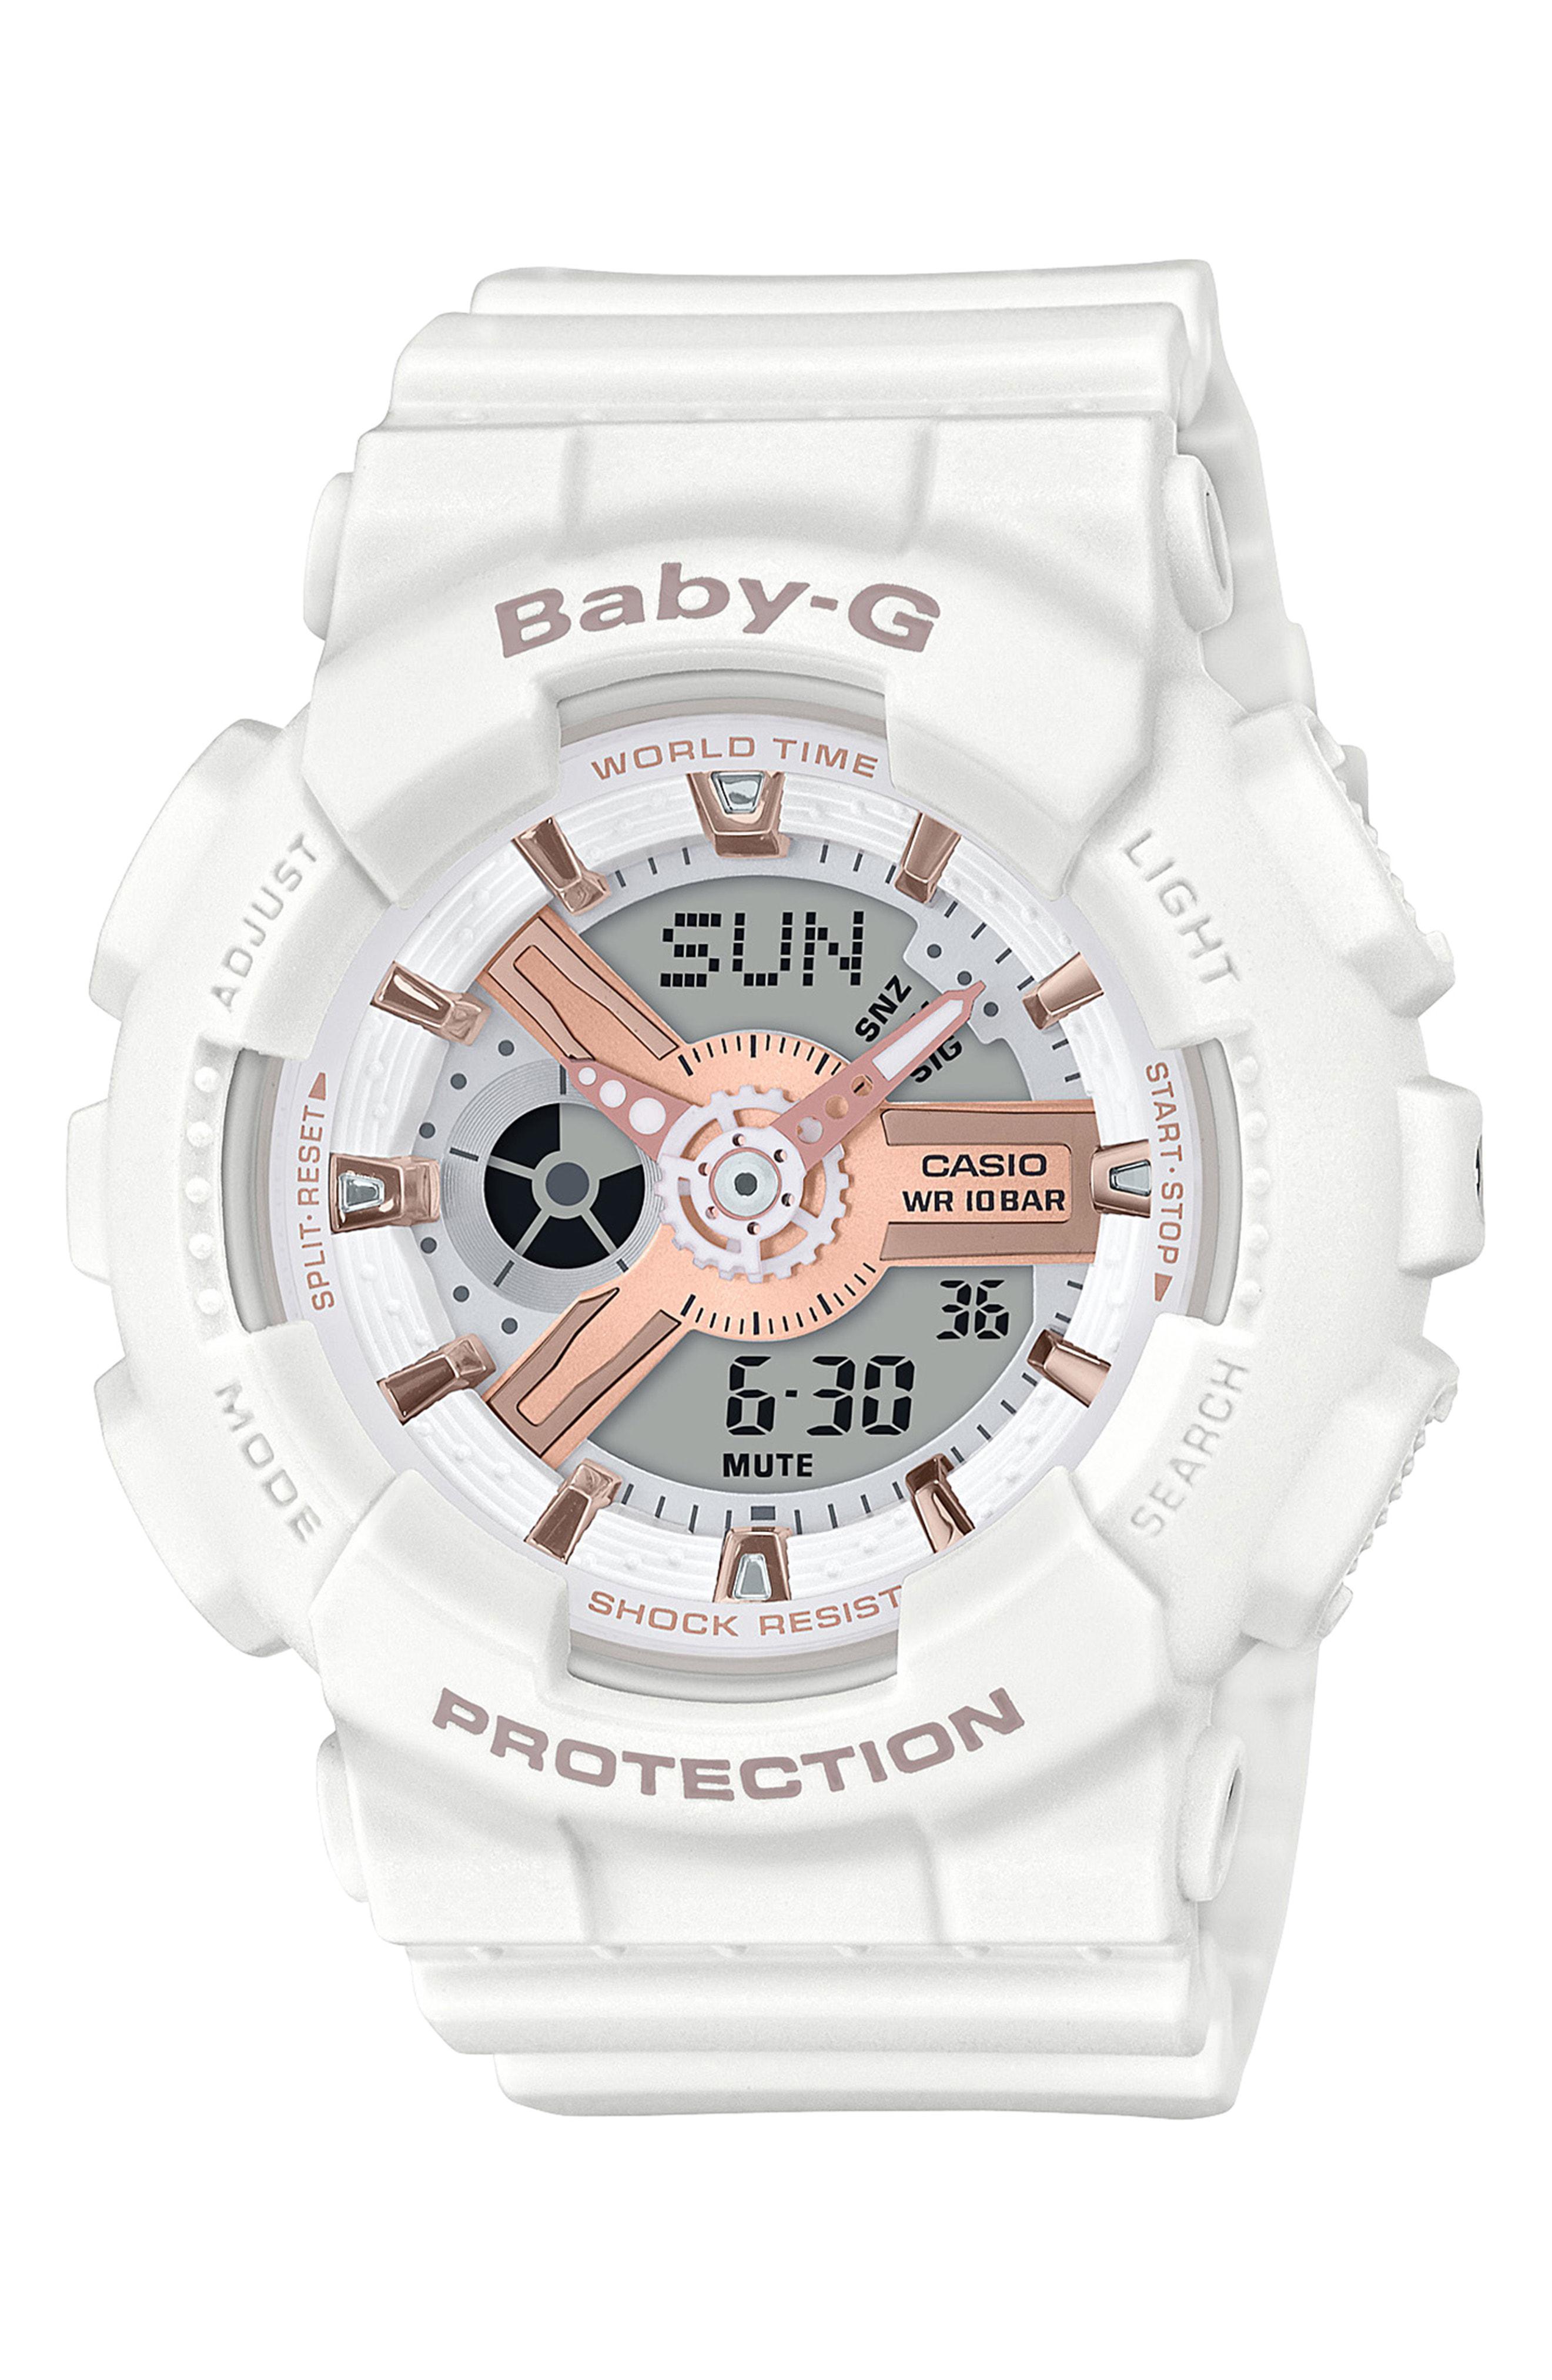 13d2e380a0ba Lyst - G-Shock Baby-g Ana-digi Watch